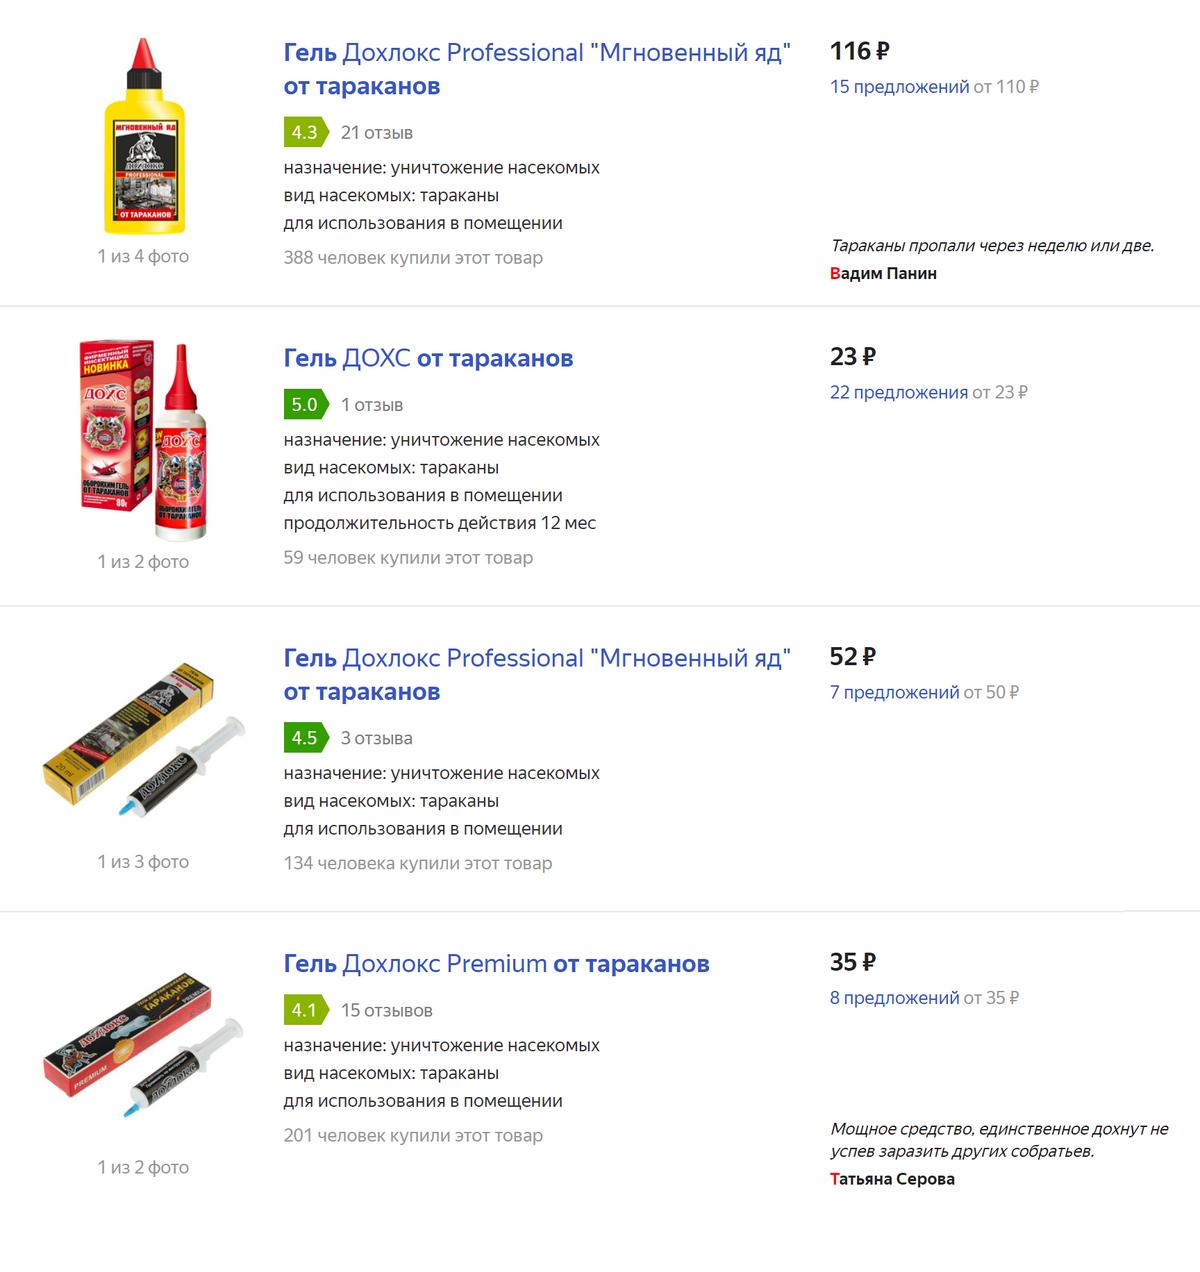 Простое и дешевое средство от тараканов — гель, который наносится на плинтусы. Это предложения на «Яндекс-маркете»